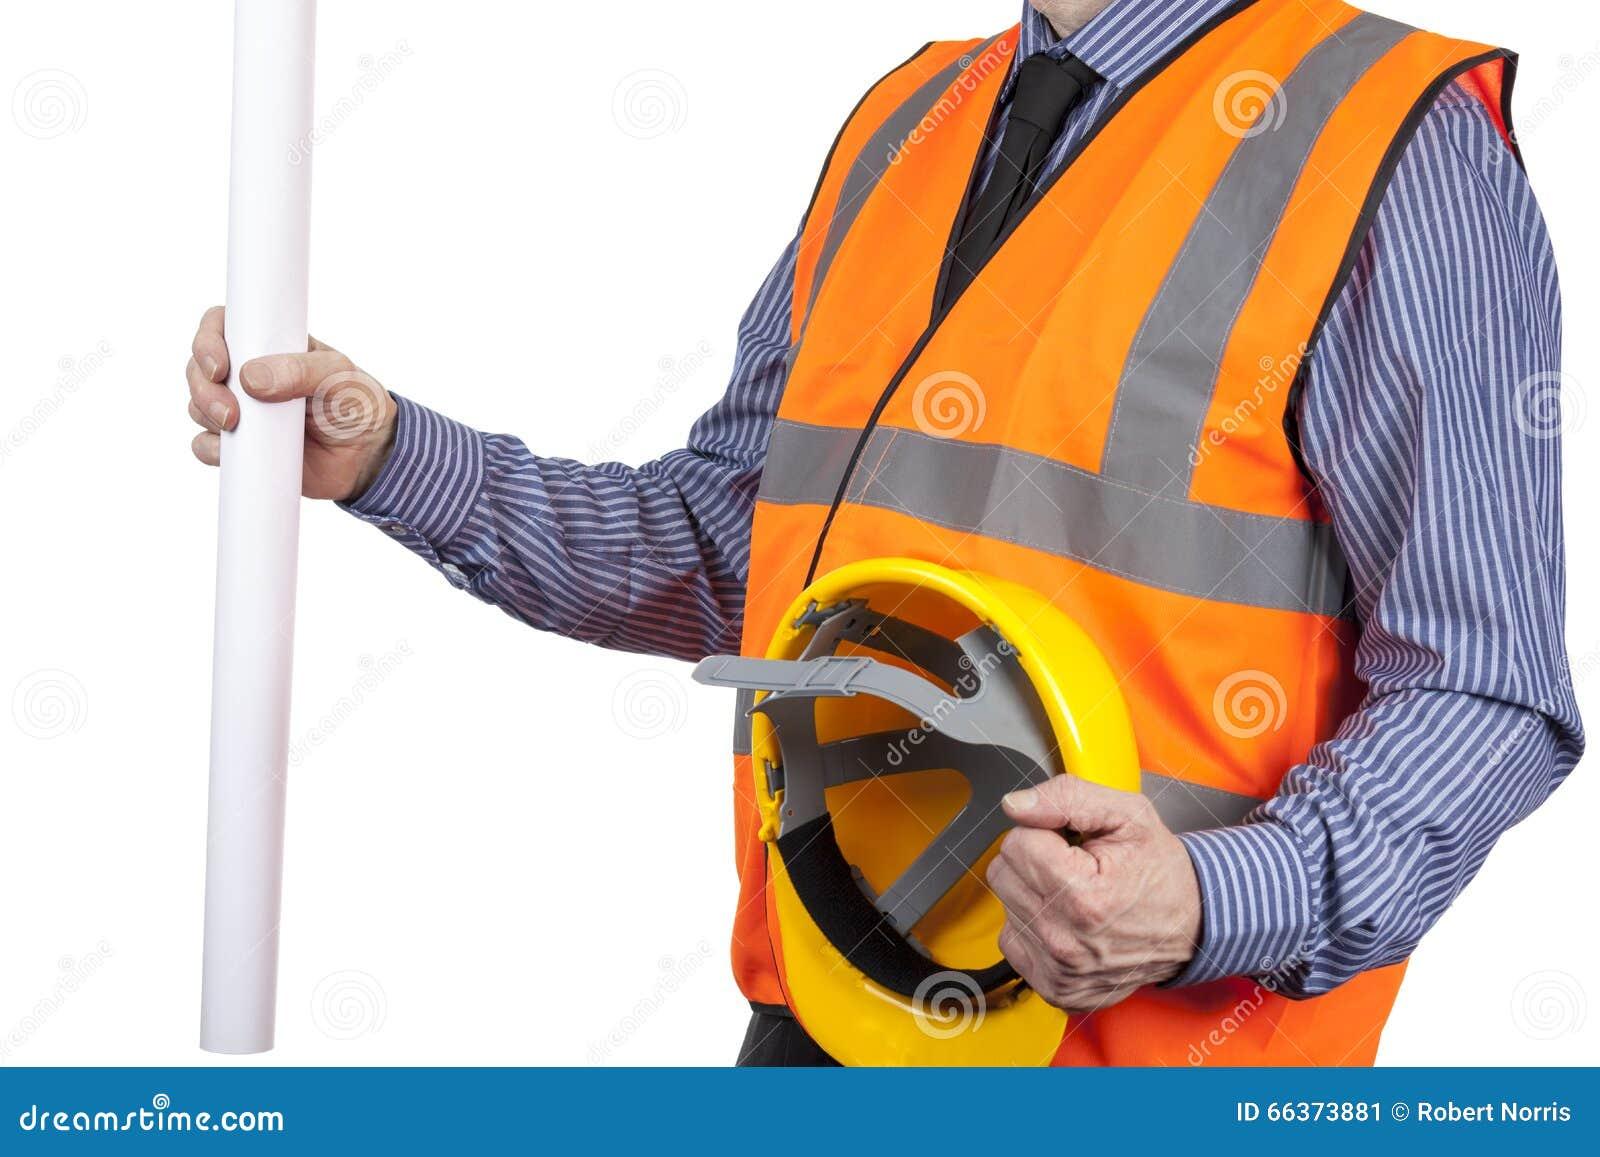 Gebäude-Feldmesser in der orange Sichtweste, die Zeichnungen und Hut hält